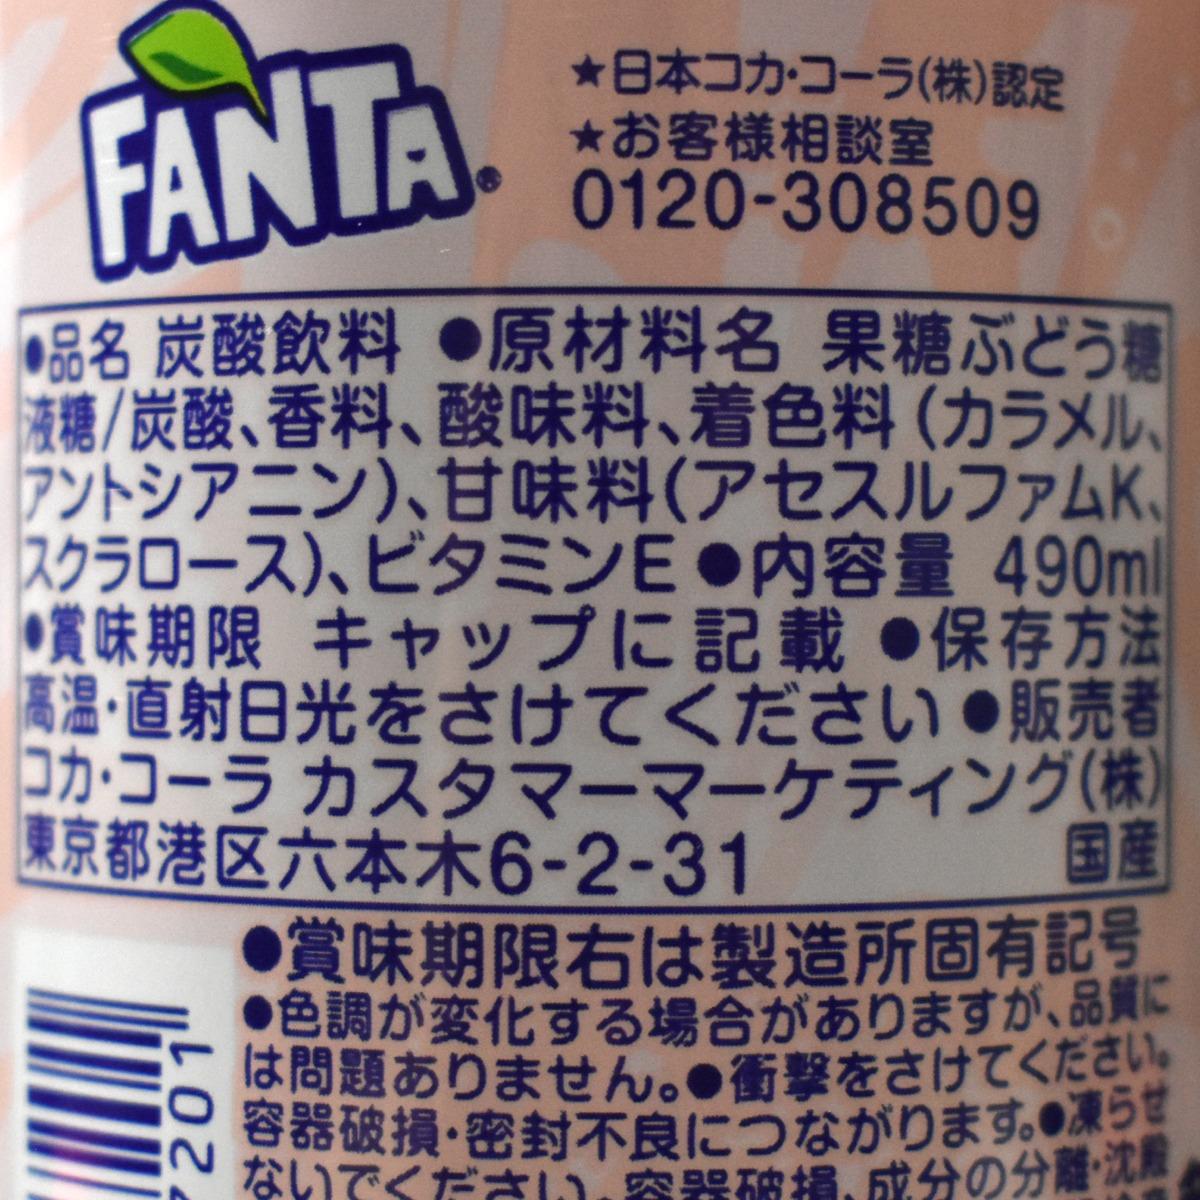 ファンタ よくばりミックス ミックスベリーの原材料名